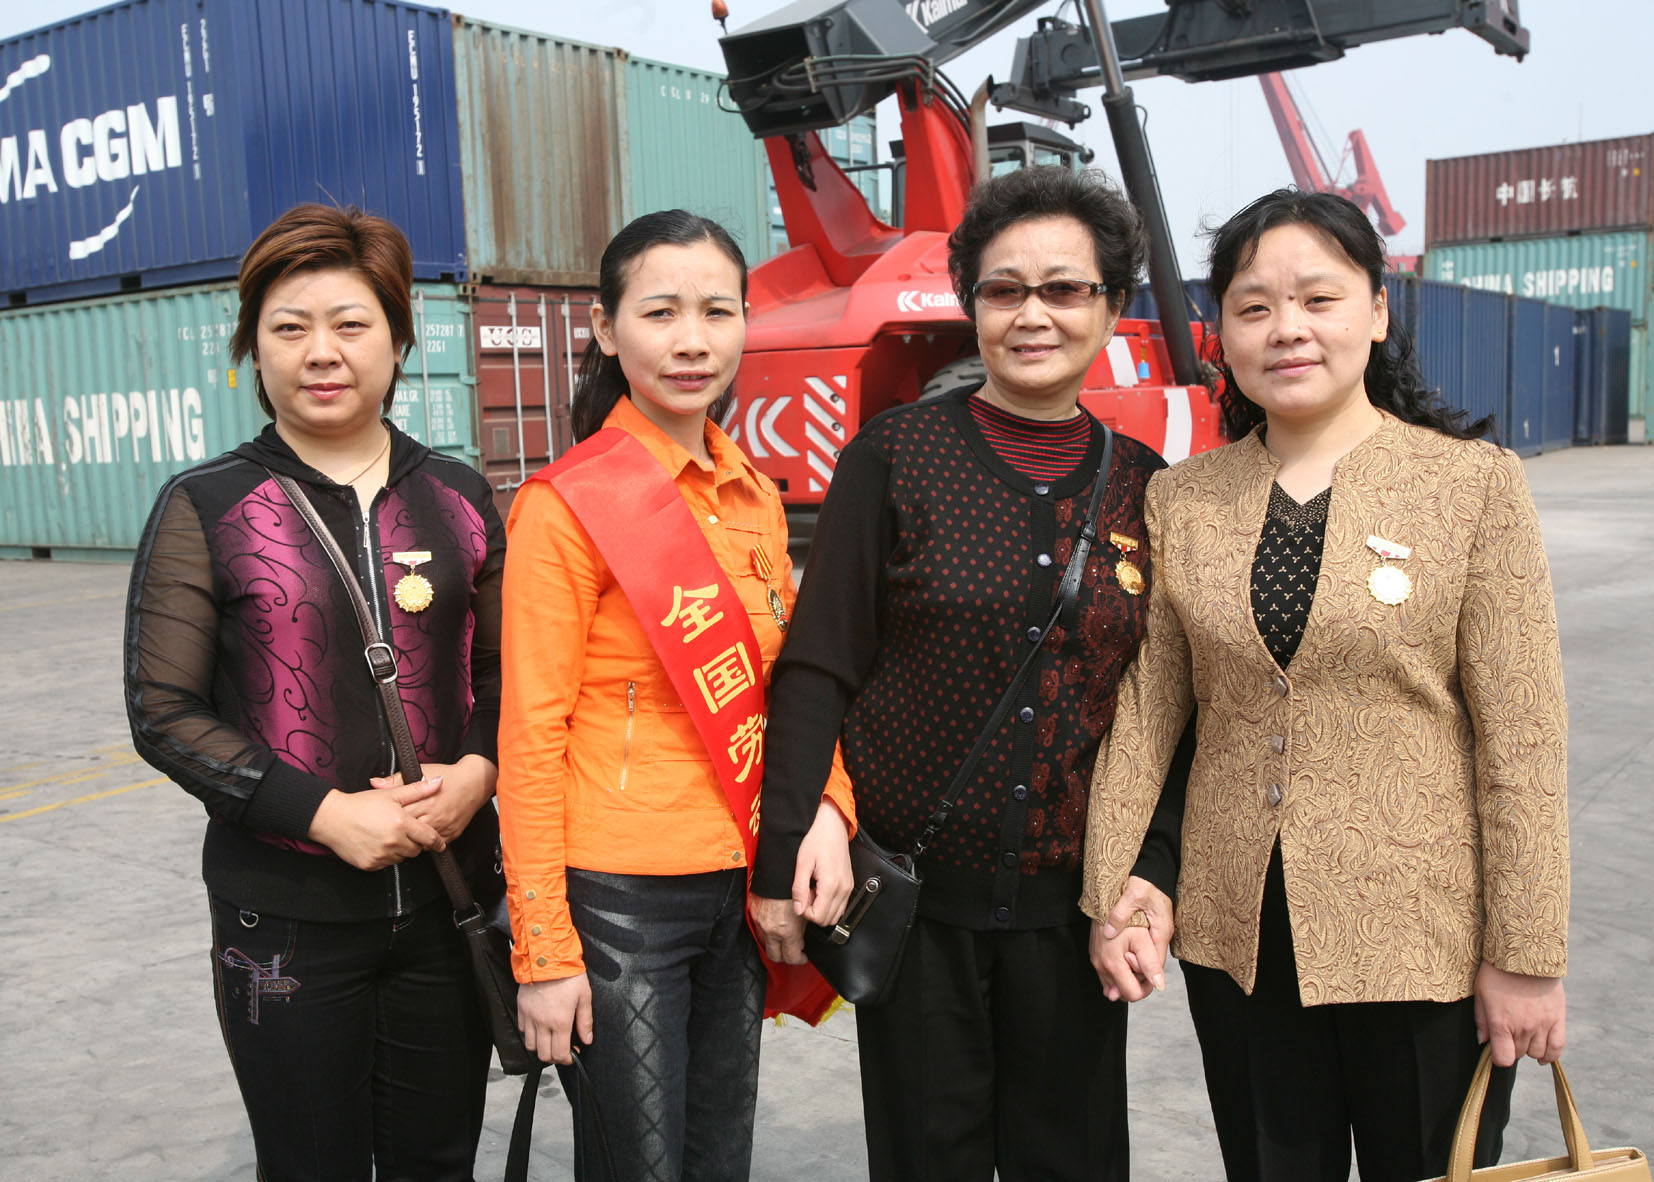 江西海扬纺织集团四代全国劳模合影留念。第一代瞿兰香(右2),第二代马玉霞(左1),第三代陈义华(右1),第四代陆永兰(左2)。